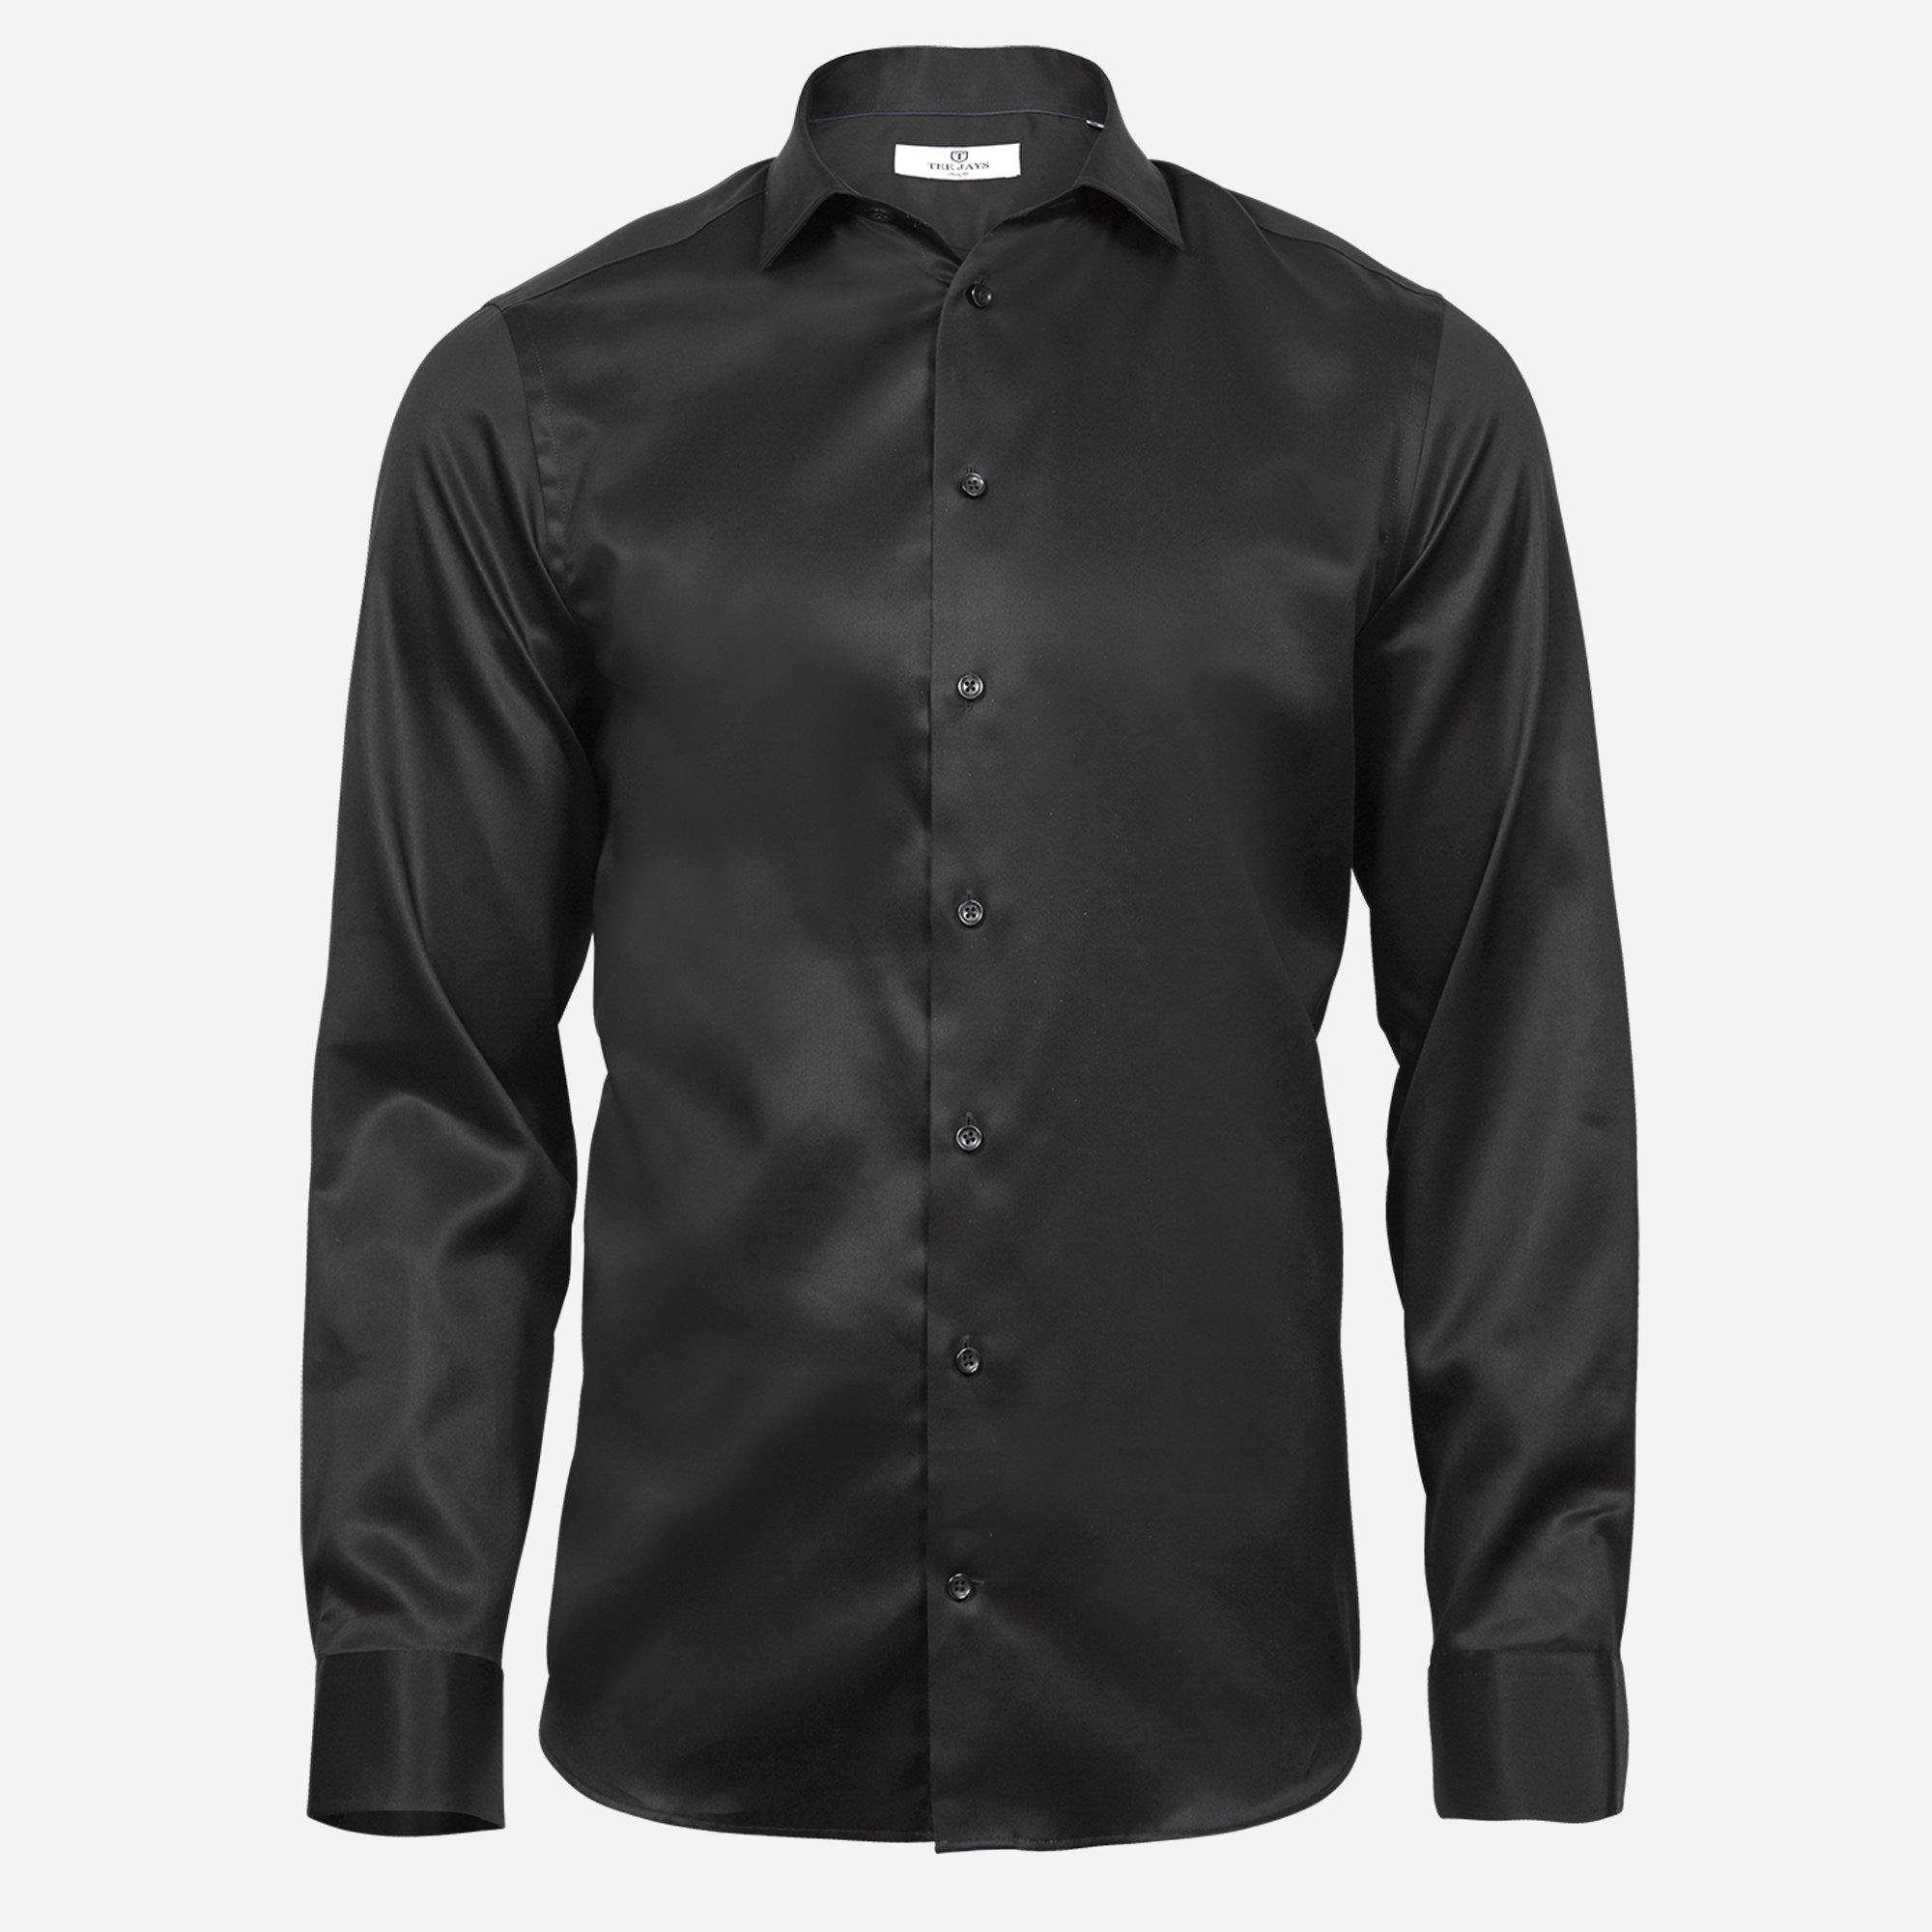 Čierna košeľa Tee Jays, 2-ply, Slim fit Veľkosť: XXL 45/46